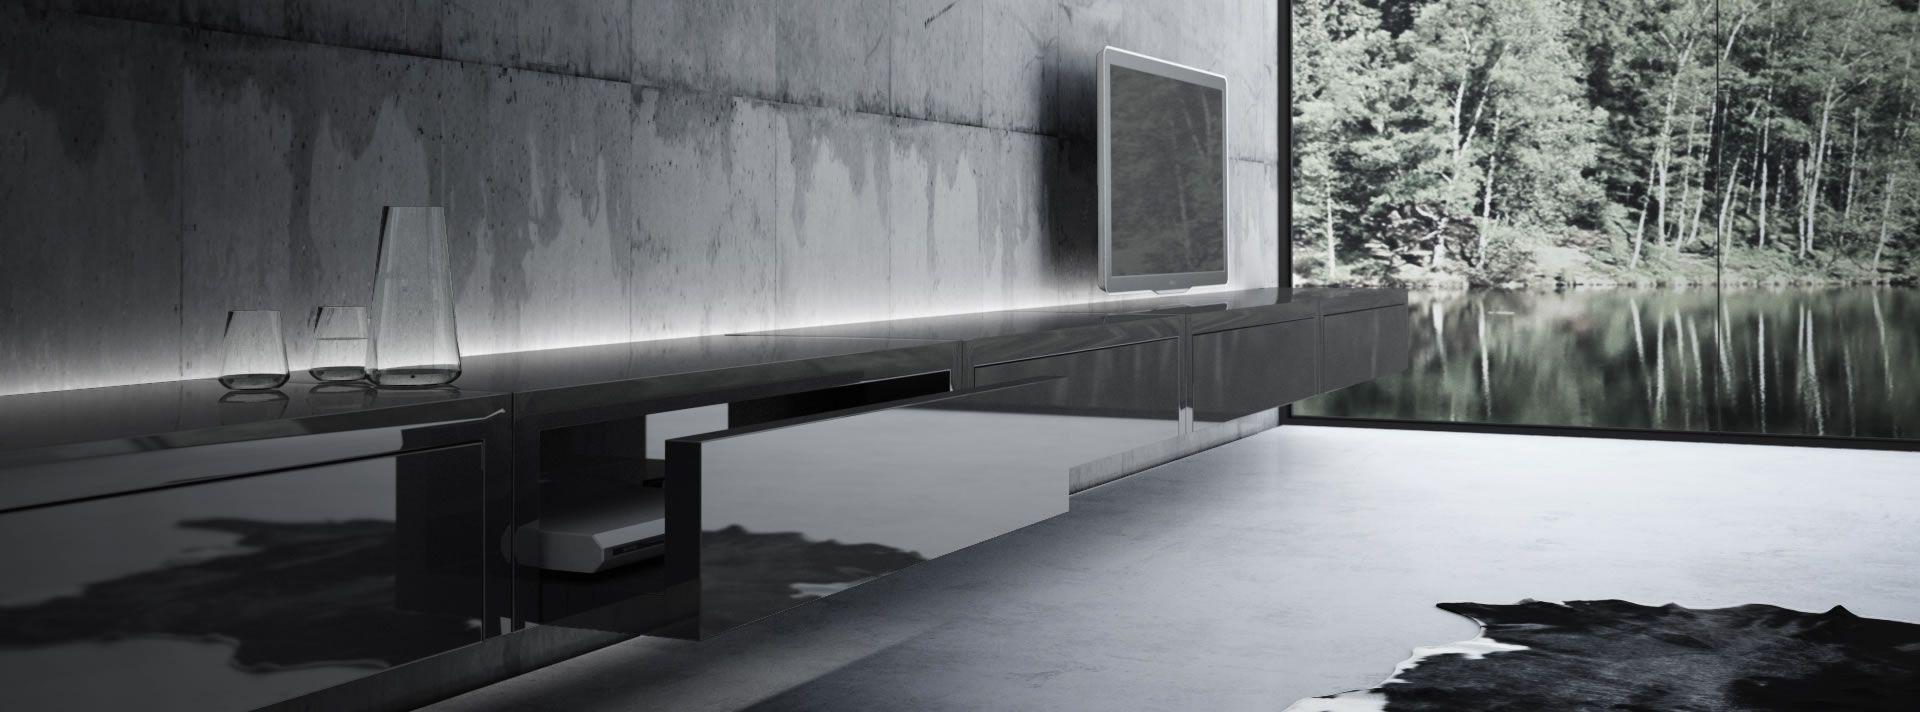 hifi design möbel auflistung bild und ebaacaebfbd jpg